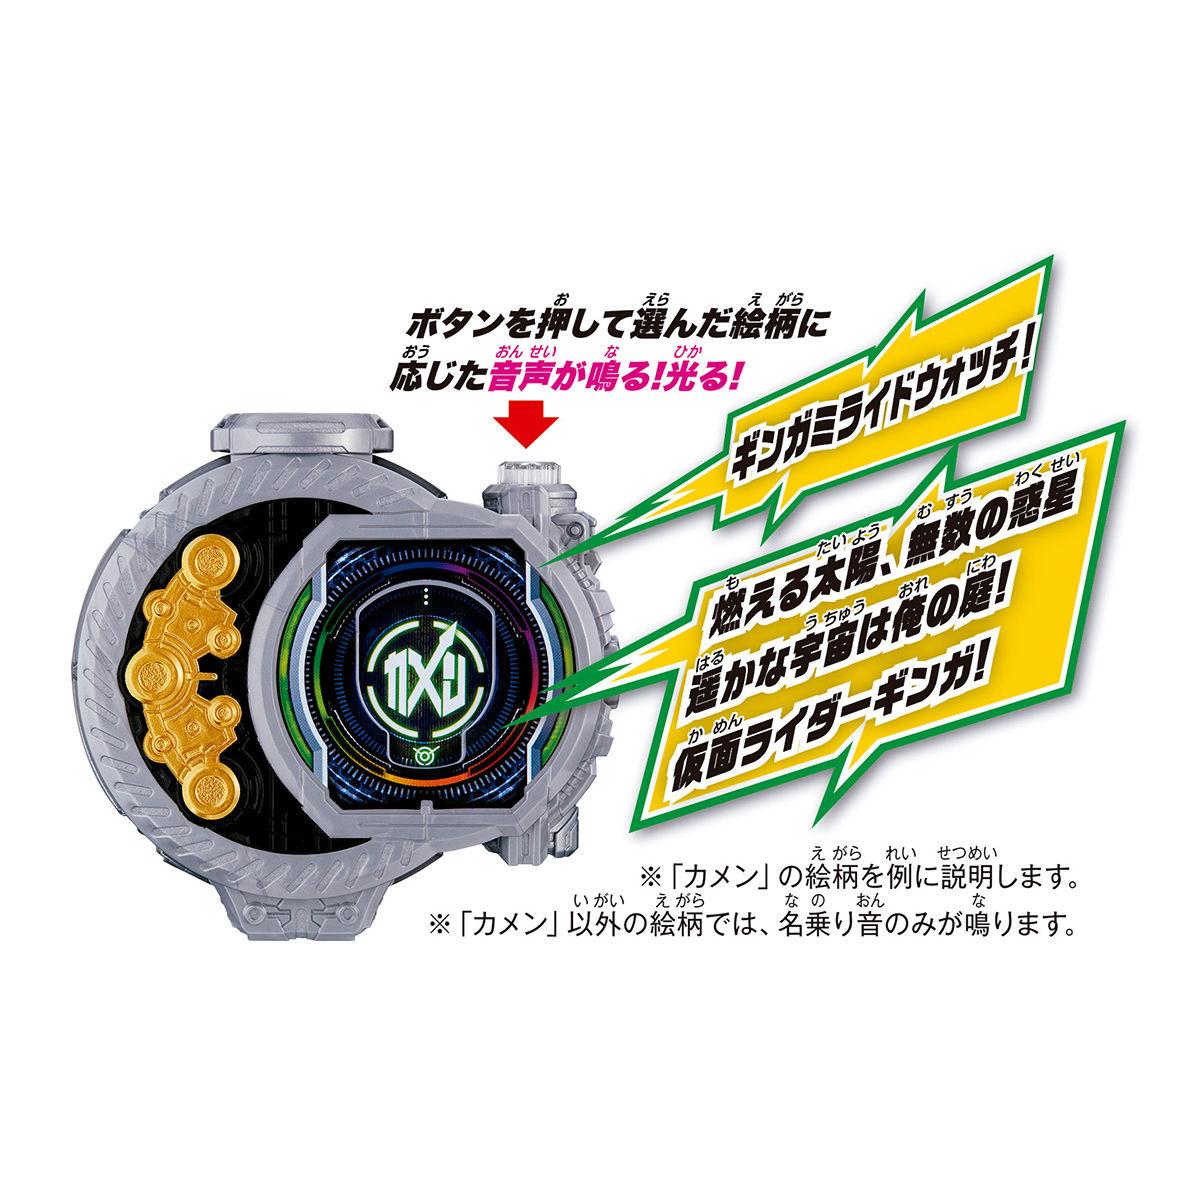 ライドウォッチ『DXギンガミライドウォッチ』仮面ライダージオウ 変身なりきり-007